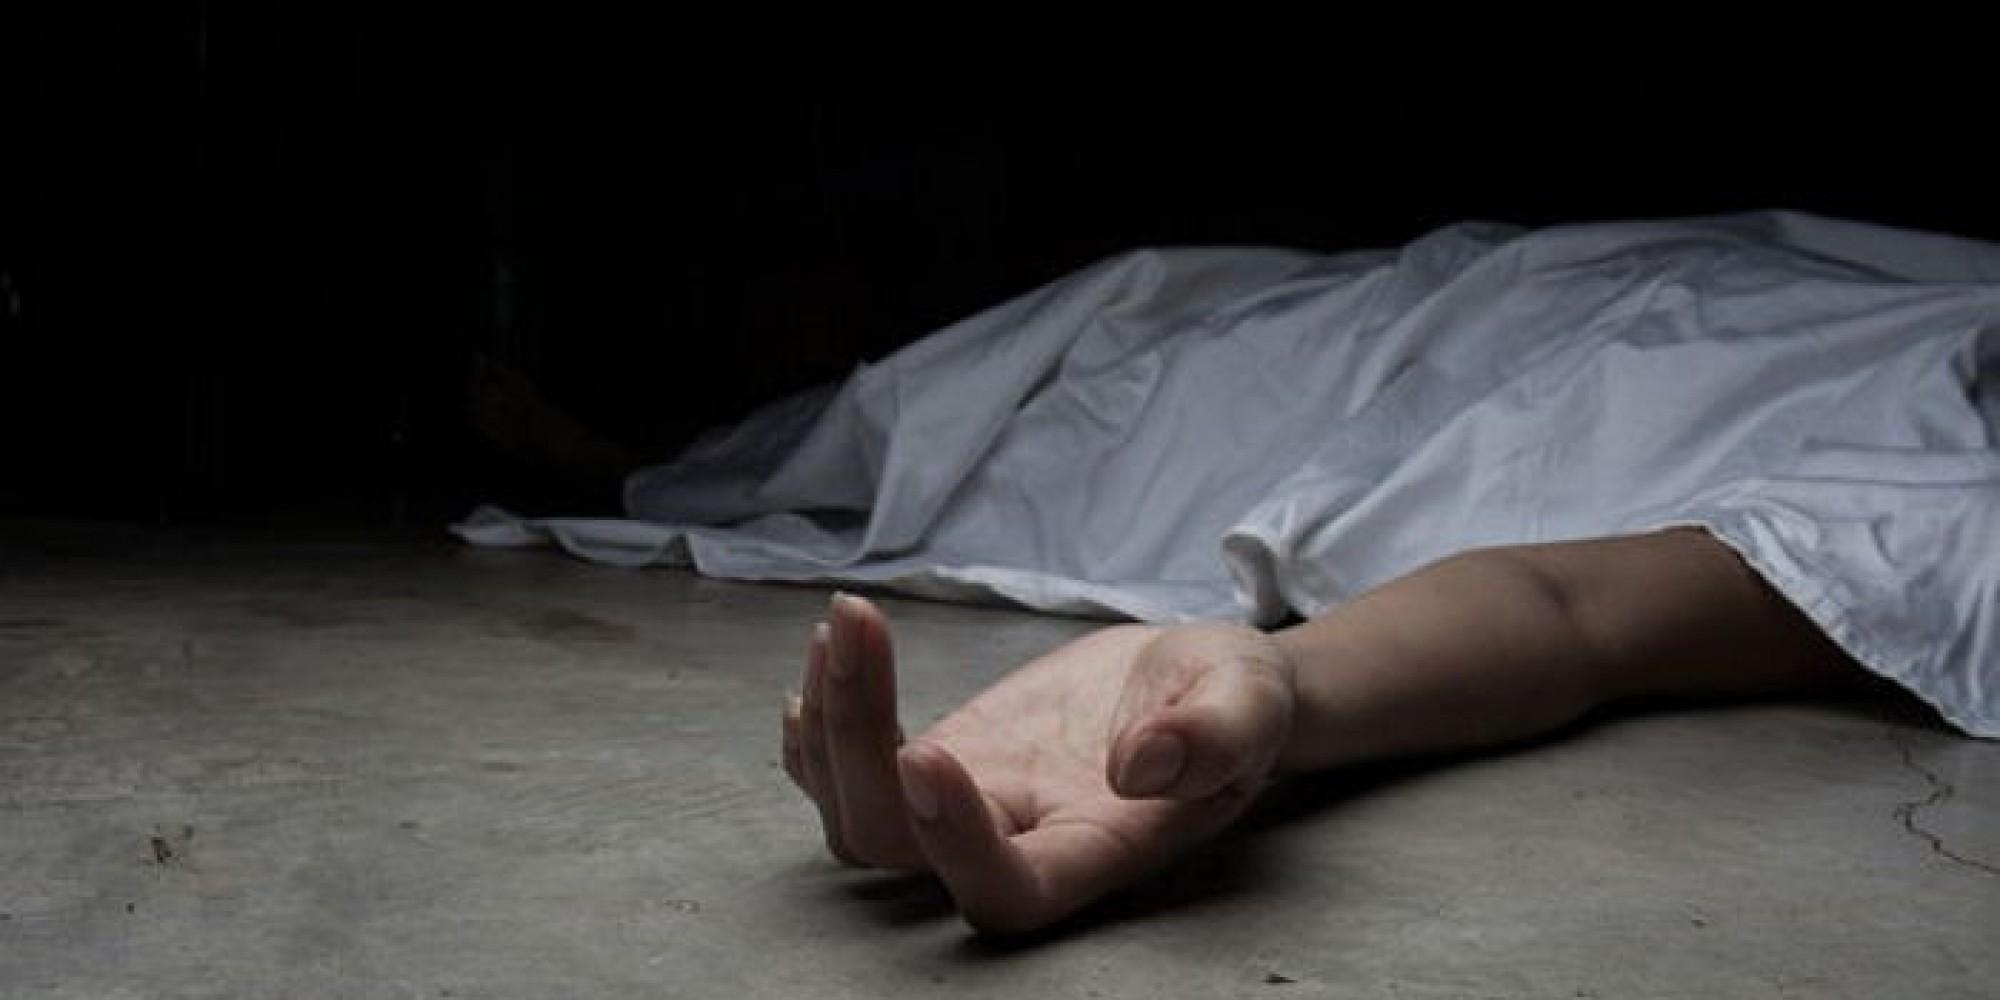 हिमाचल: किराए के कमरे में रह रही 23 वर्षीय युवती की मौत, जांच में जुटी पुलिस